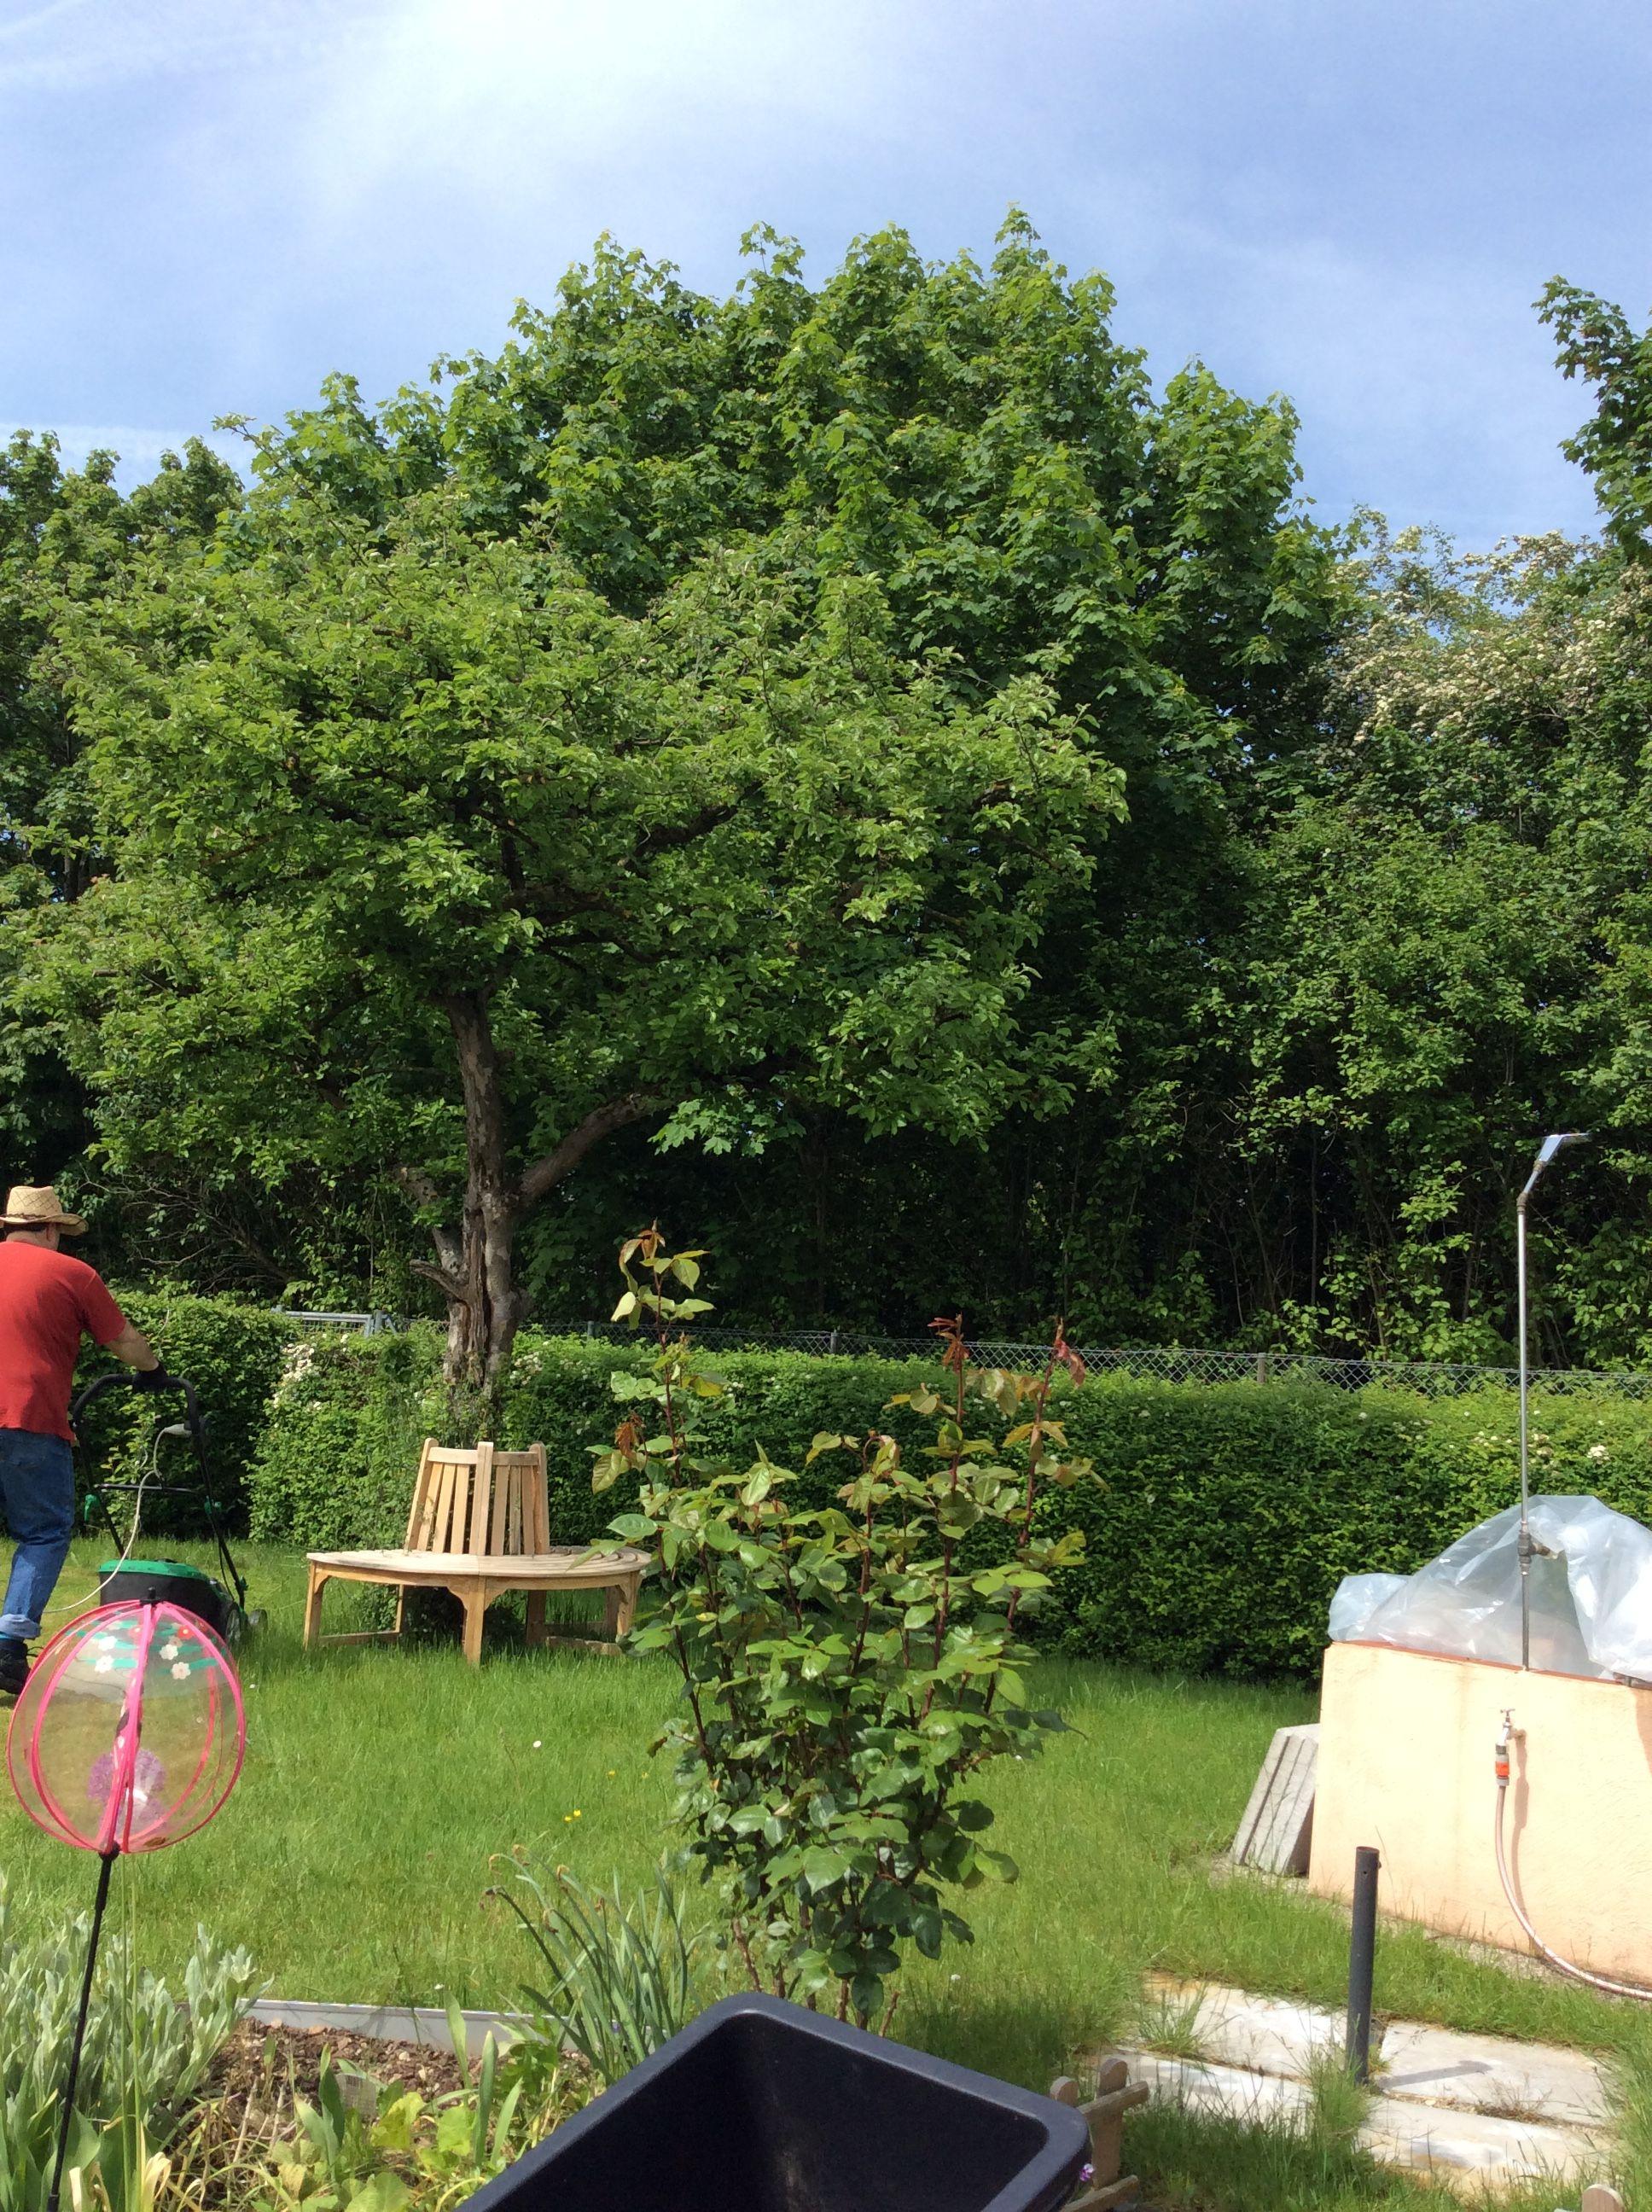 Unser Apfelbaum hat den radikalen Schnitt vor einigen Wochen super überstanden. Die Blätter sehen wieder kräftig aus. Und das diesen Sommer keine Äpfel kommen werden ist nur halb so wild :o)